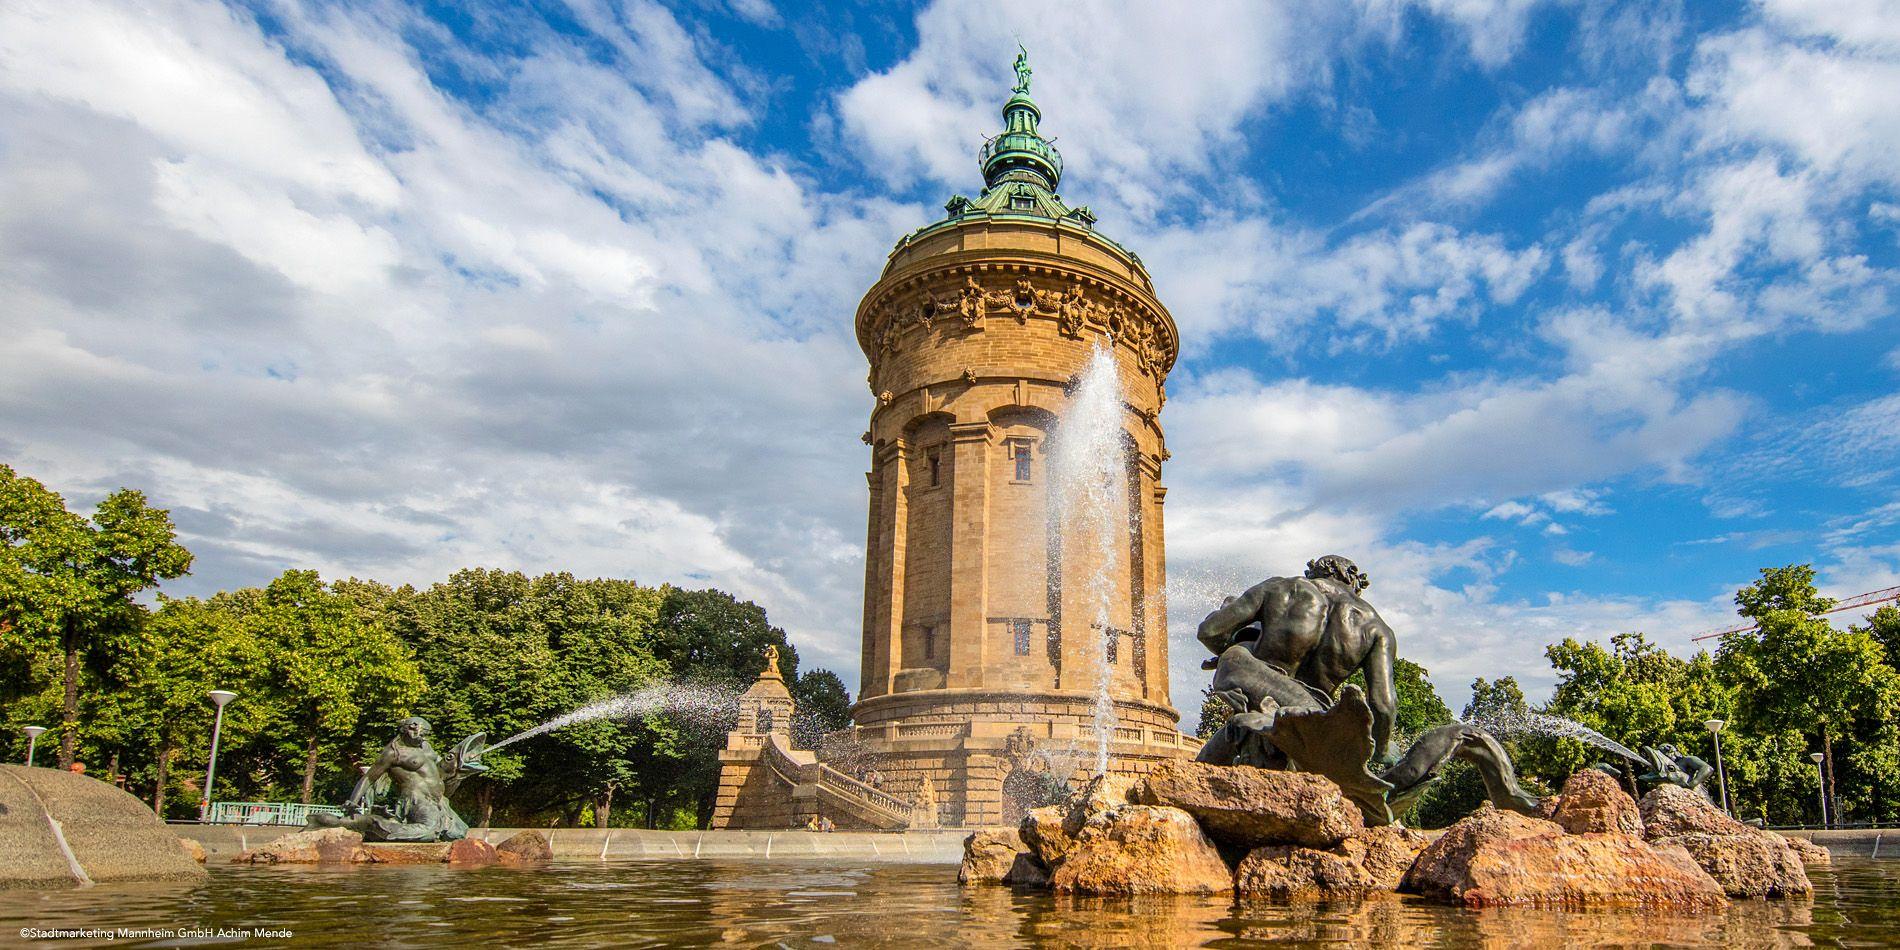 © Stadtmarketing Mannheim GmbH Achim Mende / Allemagne Tourisme